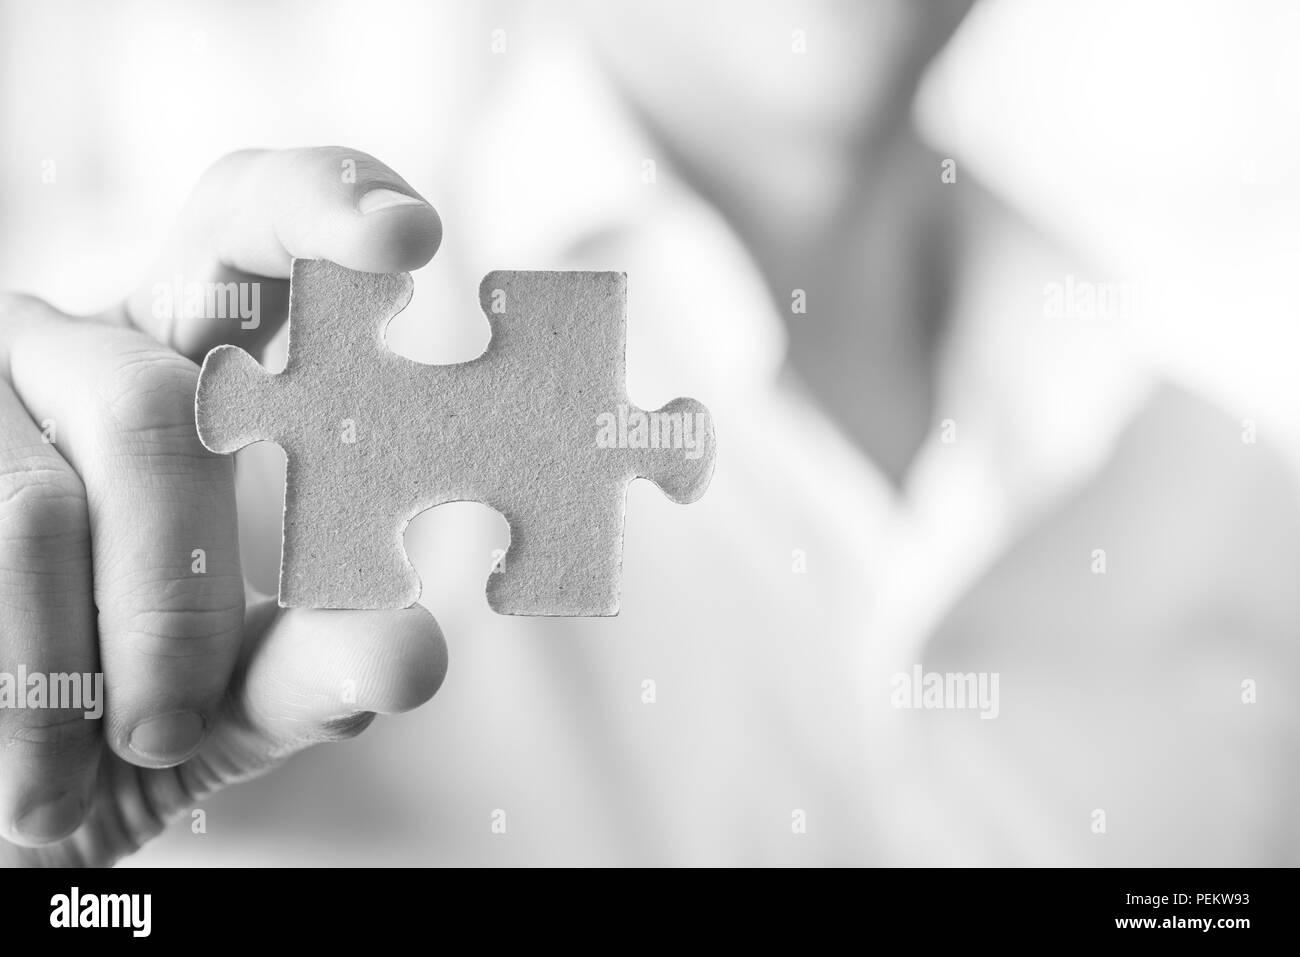 Schwarz-weiß-Bild des Geschäftsmannes oder Innovator Holding eine leere Puzzleteil auf Sie, mit Kopie Raum bereit für Ihre Idee, Text oder Zeichen. Stockbild